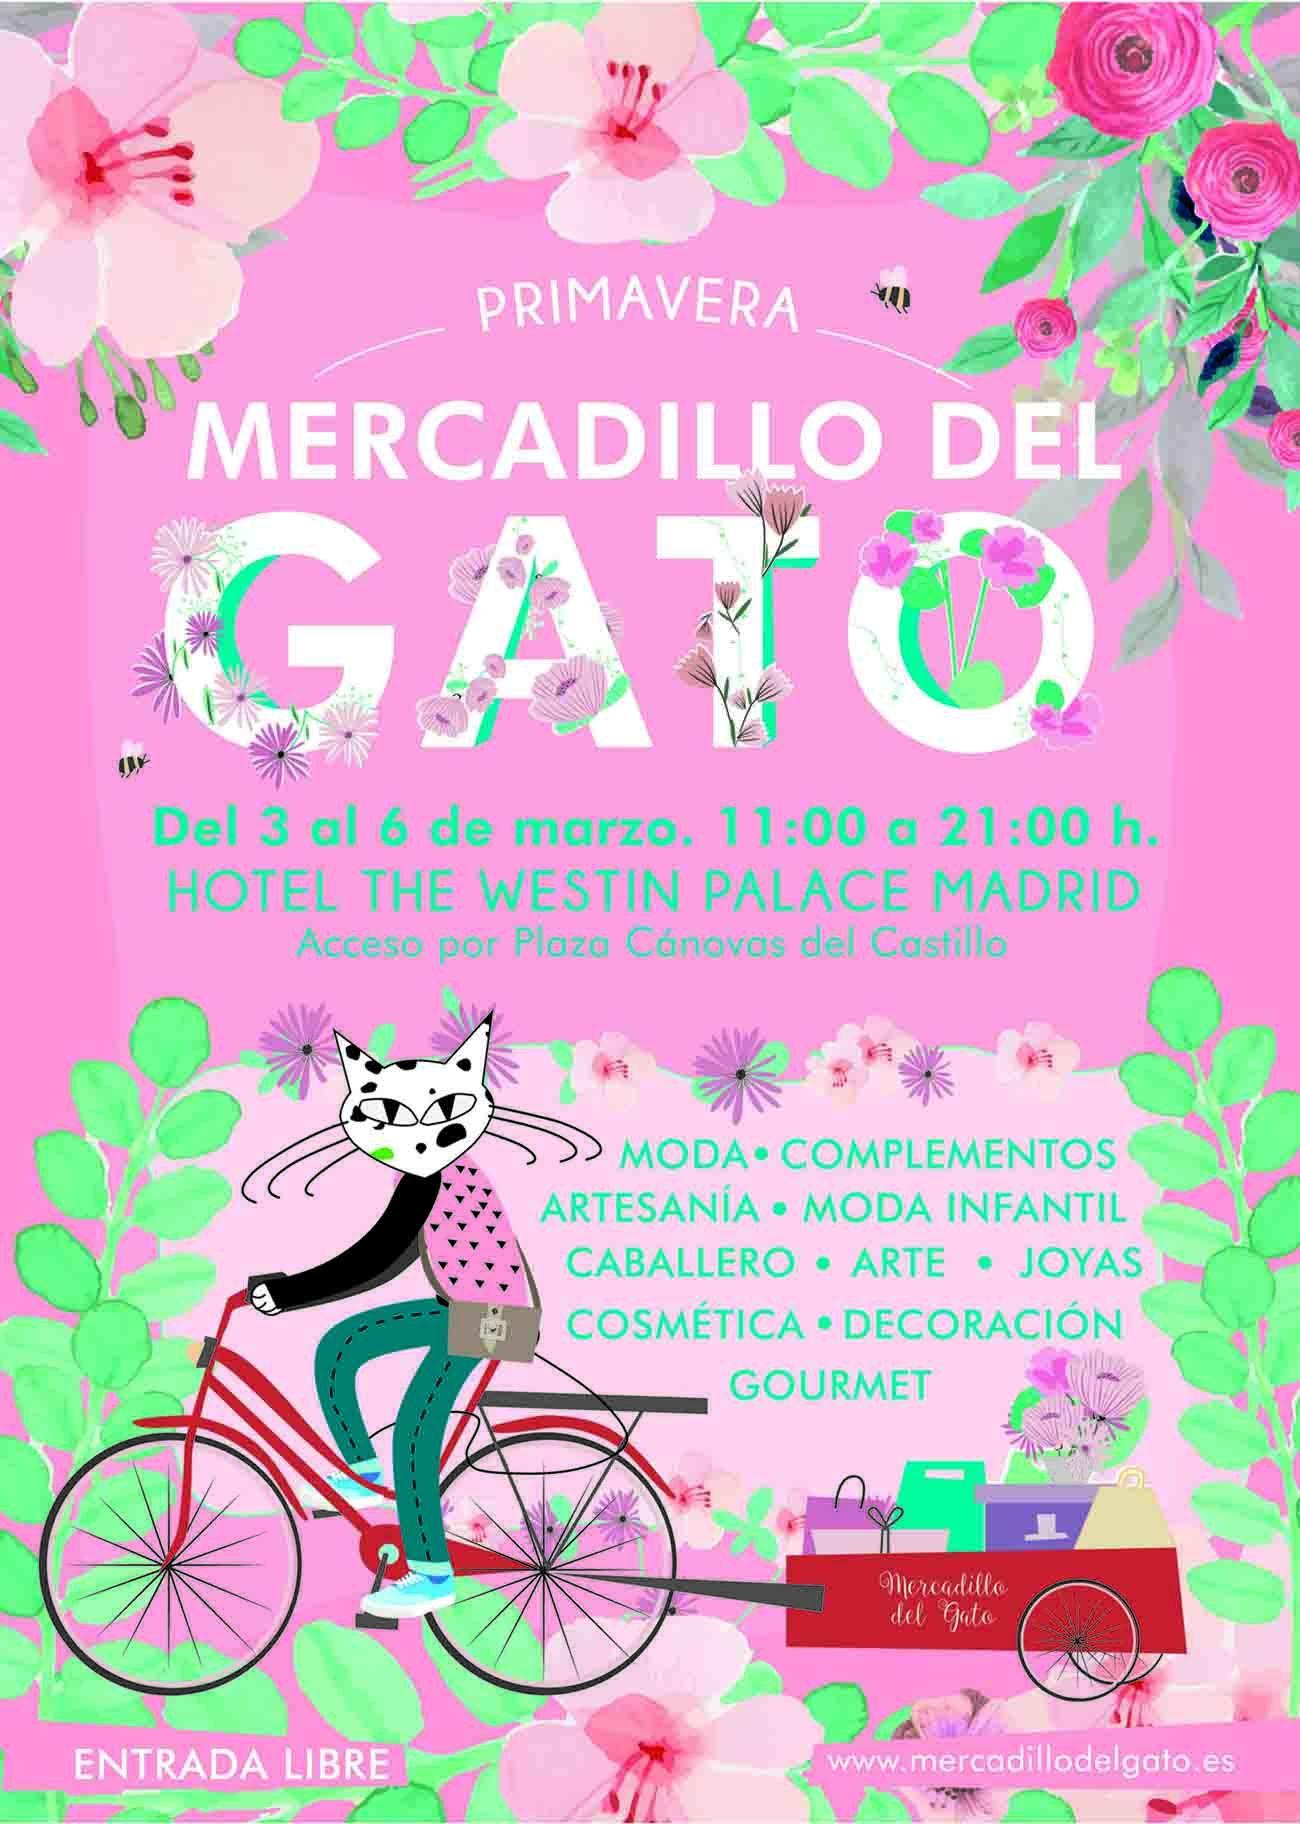 El mercadillo del gato abre del 3 al 6 de marzo en el Hotel Palace Madrid